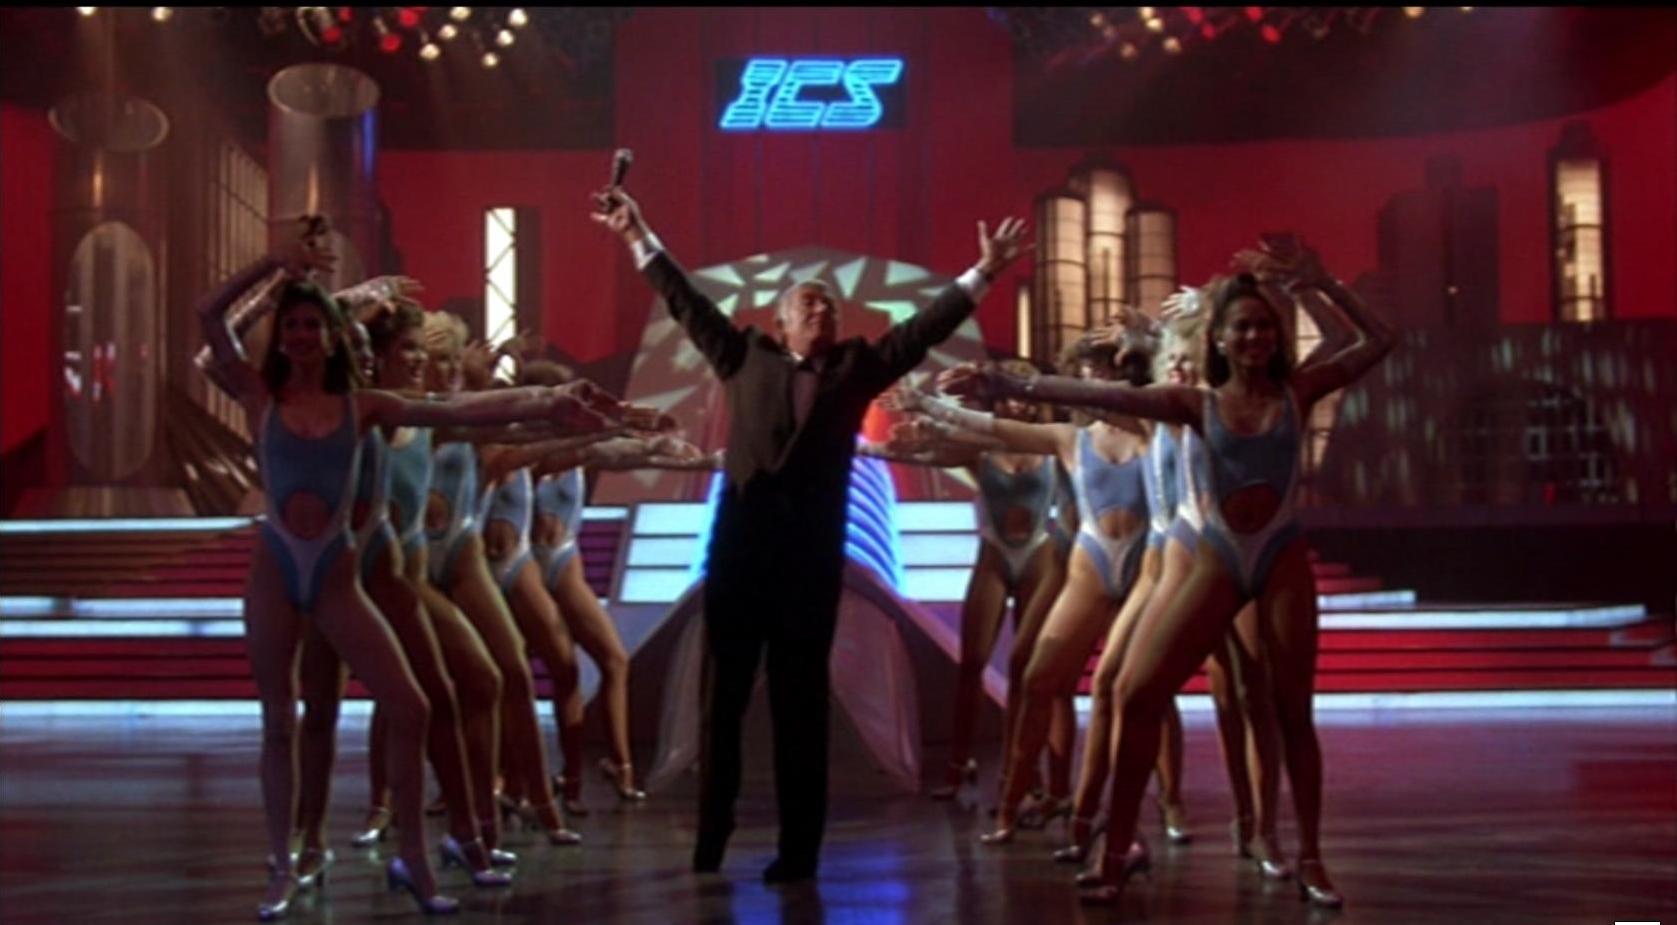 er in den 80er Jahren beliebte U.S. Showmaster Richard Dawson parodiert sich als Damon Killian mit Witz und Ironie